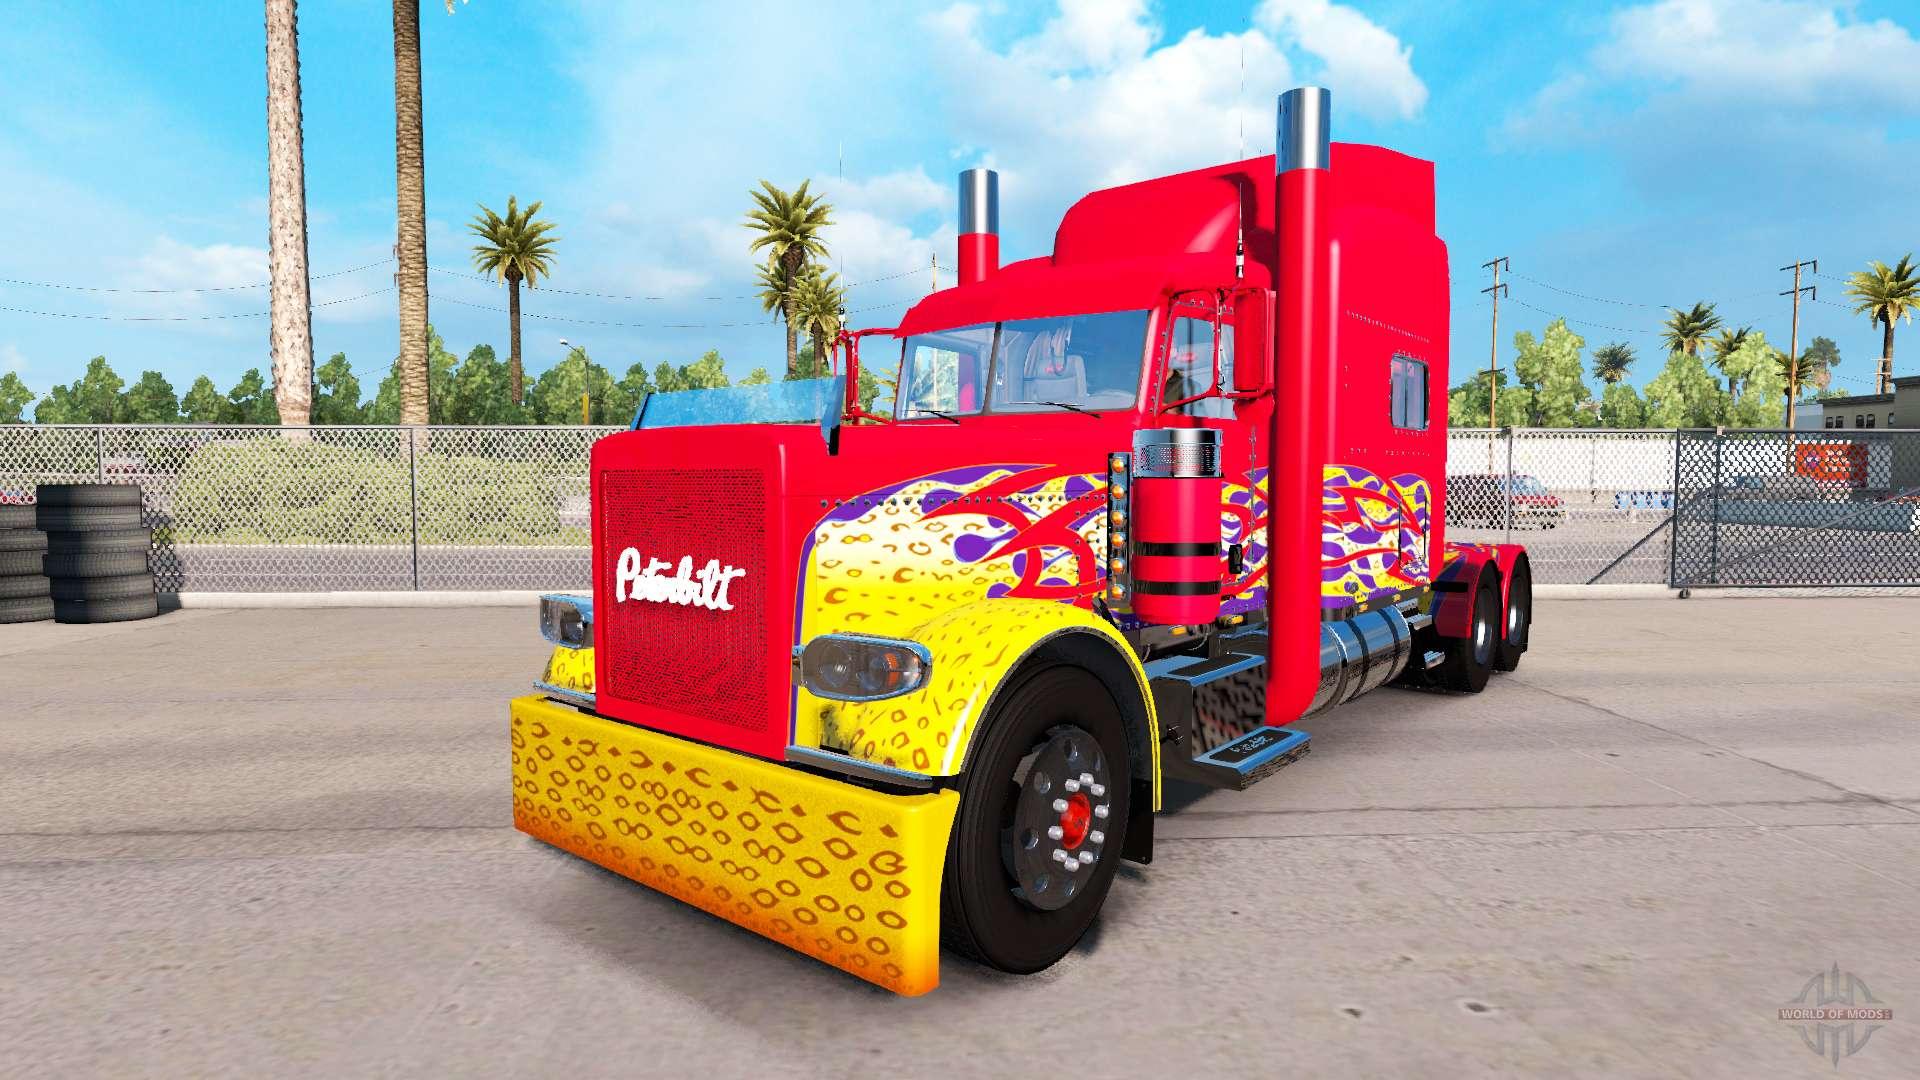 Schön Malvorlagen Peterbilt Semi Truck Ideen - Entry Level Resume ...